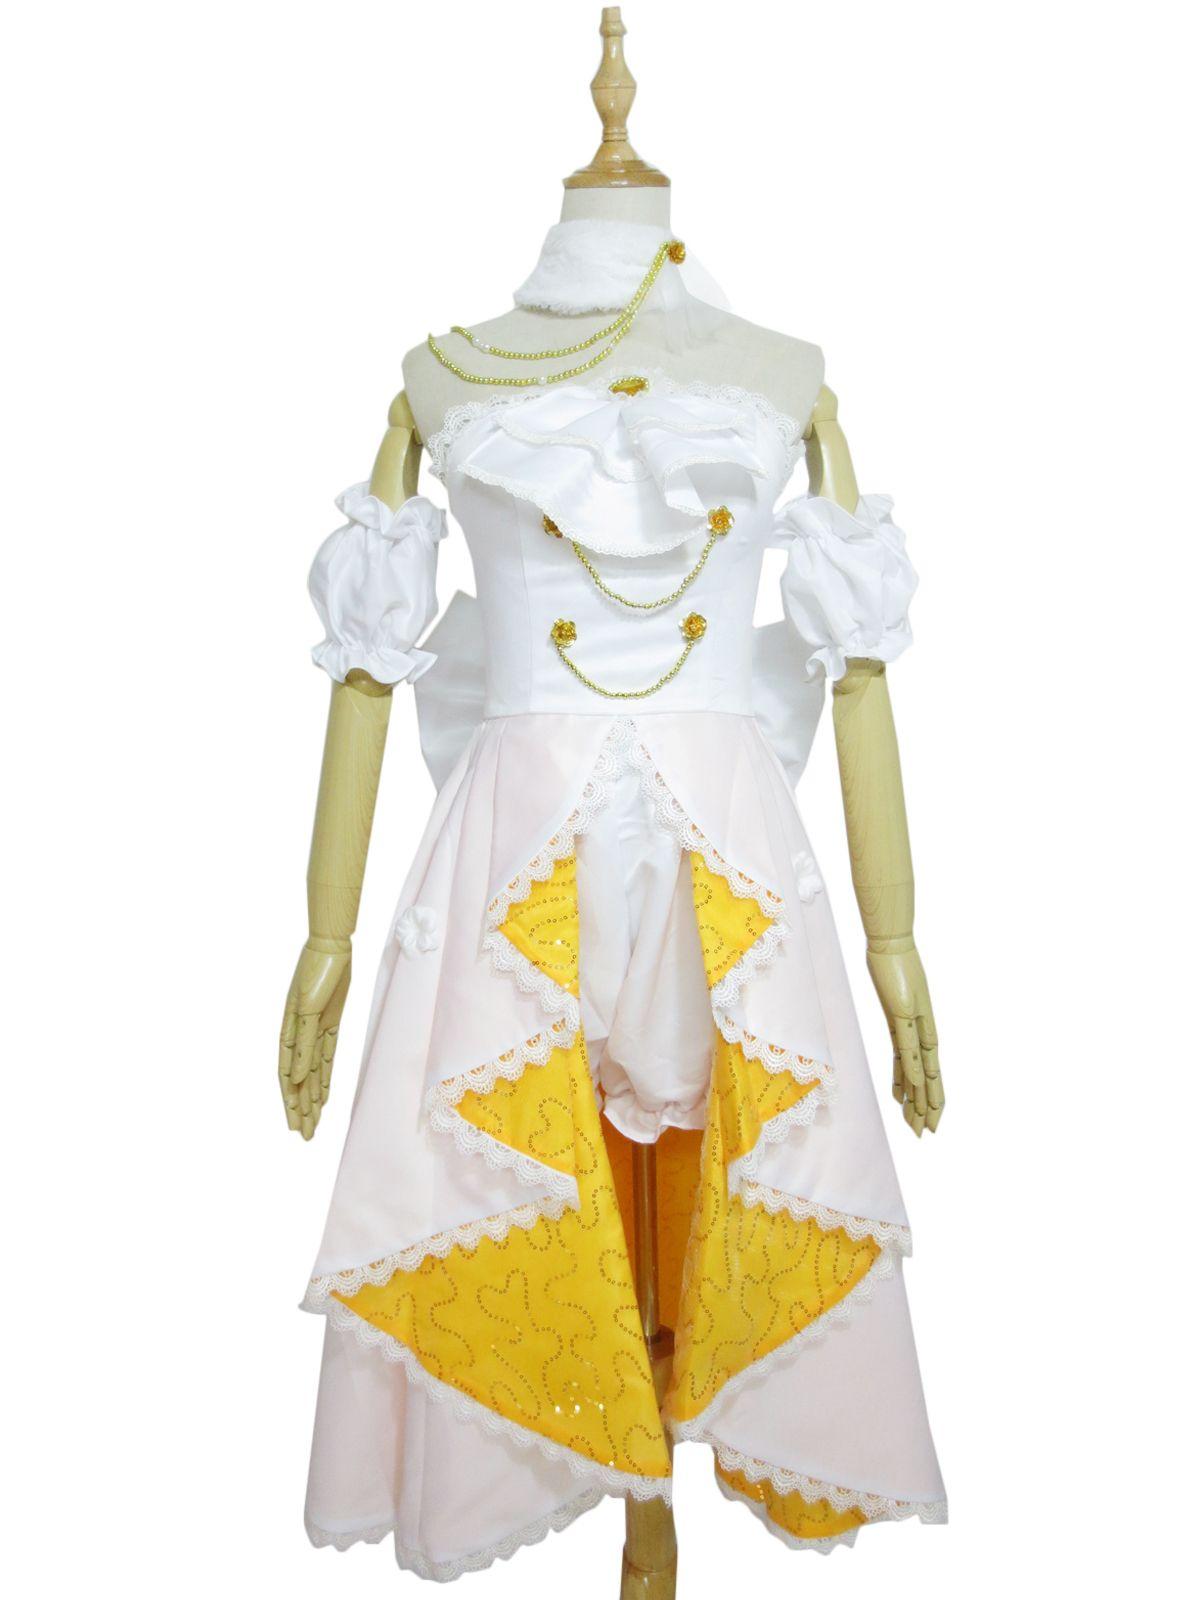 Aşk Canlı Cosplay Hanayo Koizumi Düğün Lolita Elbise Kostüm